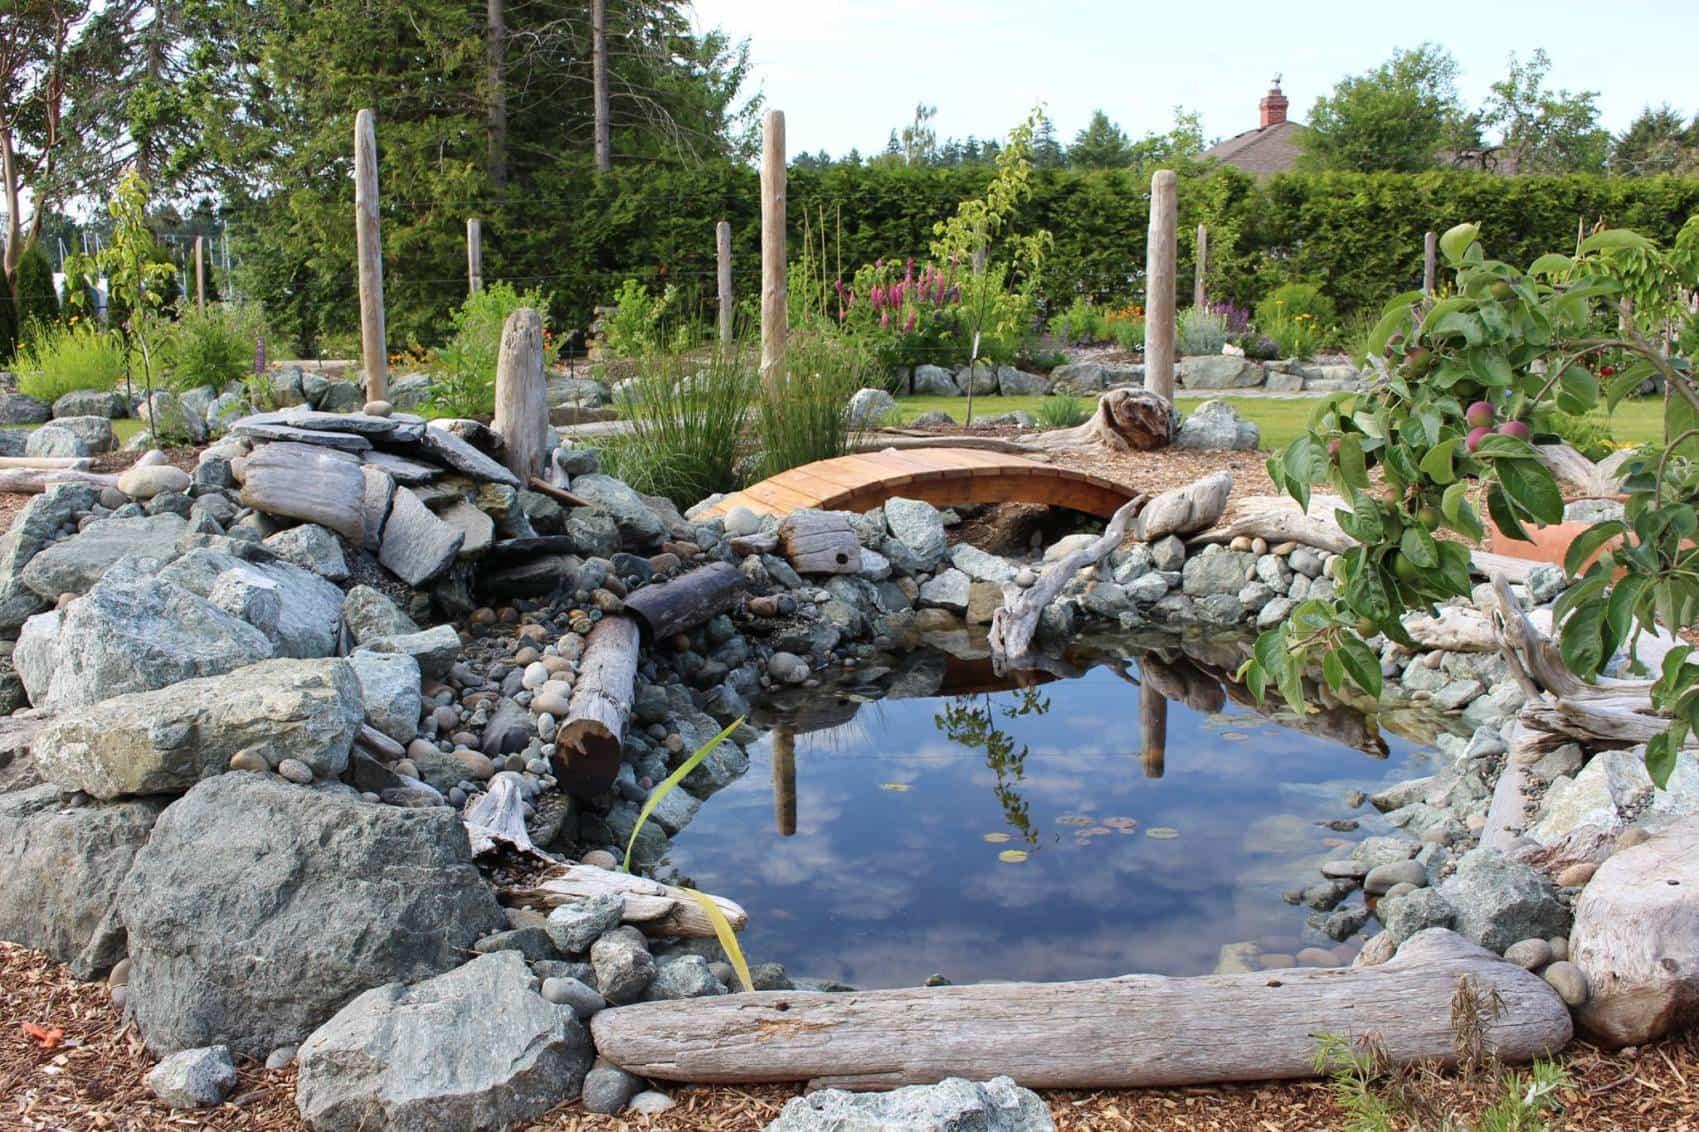 Wildlife pond!